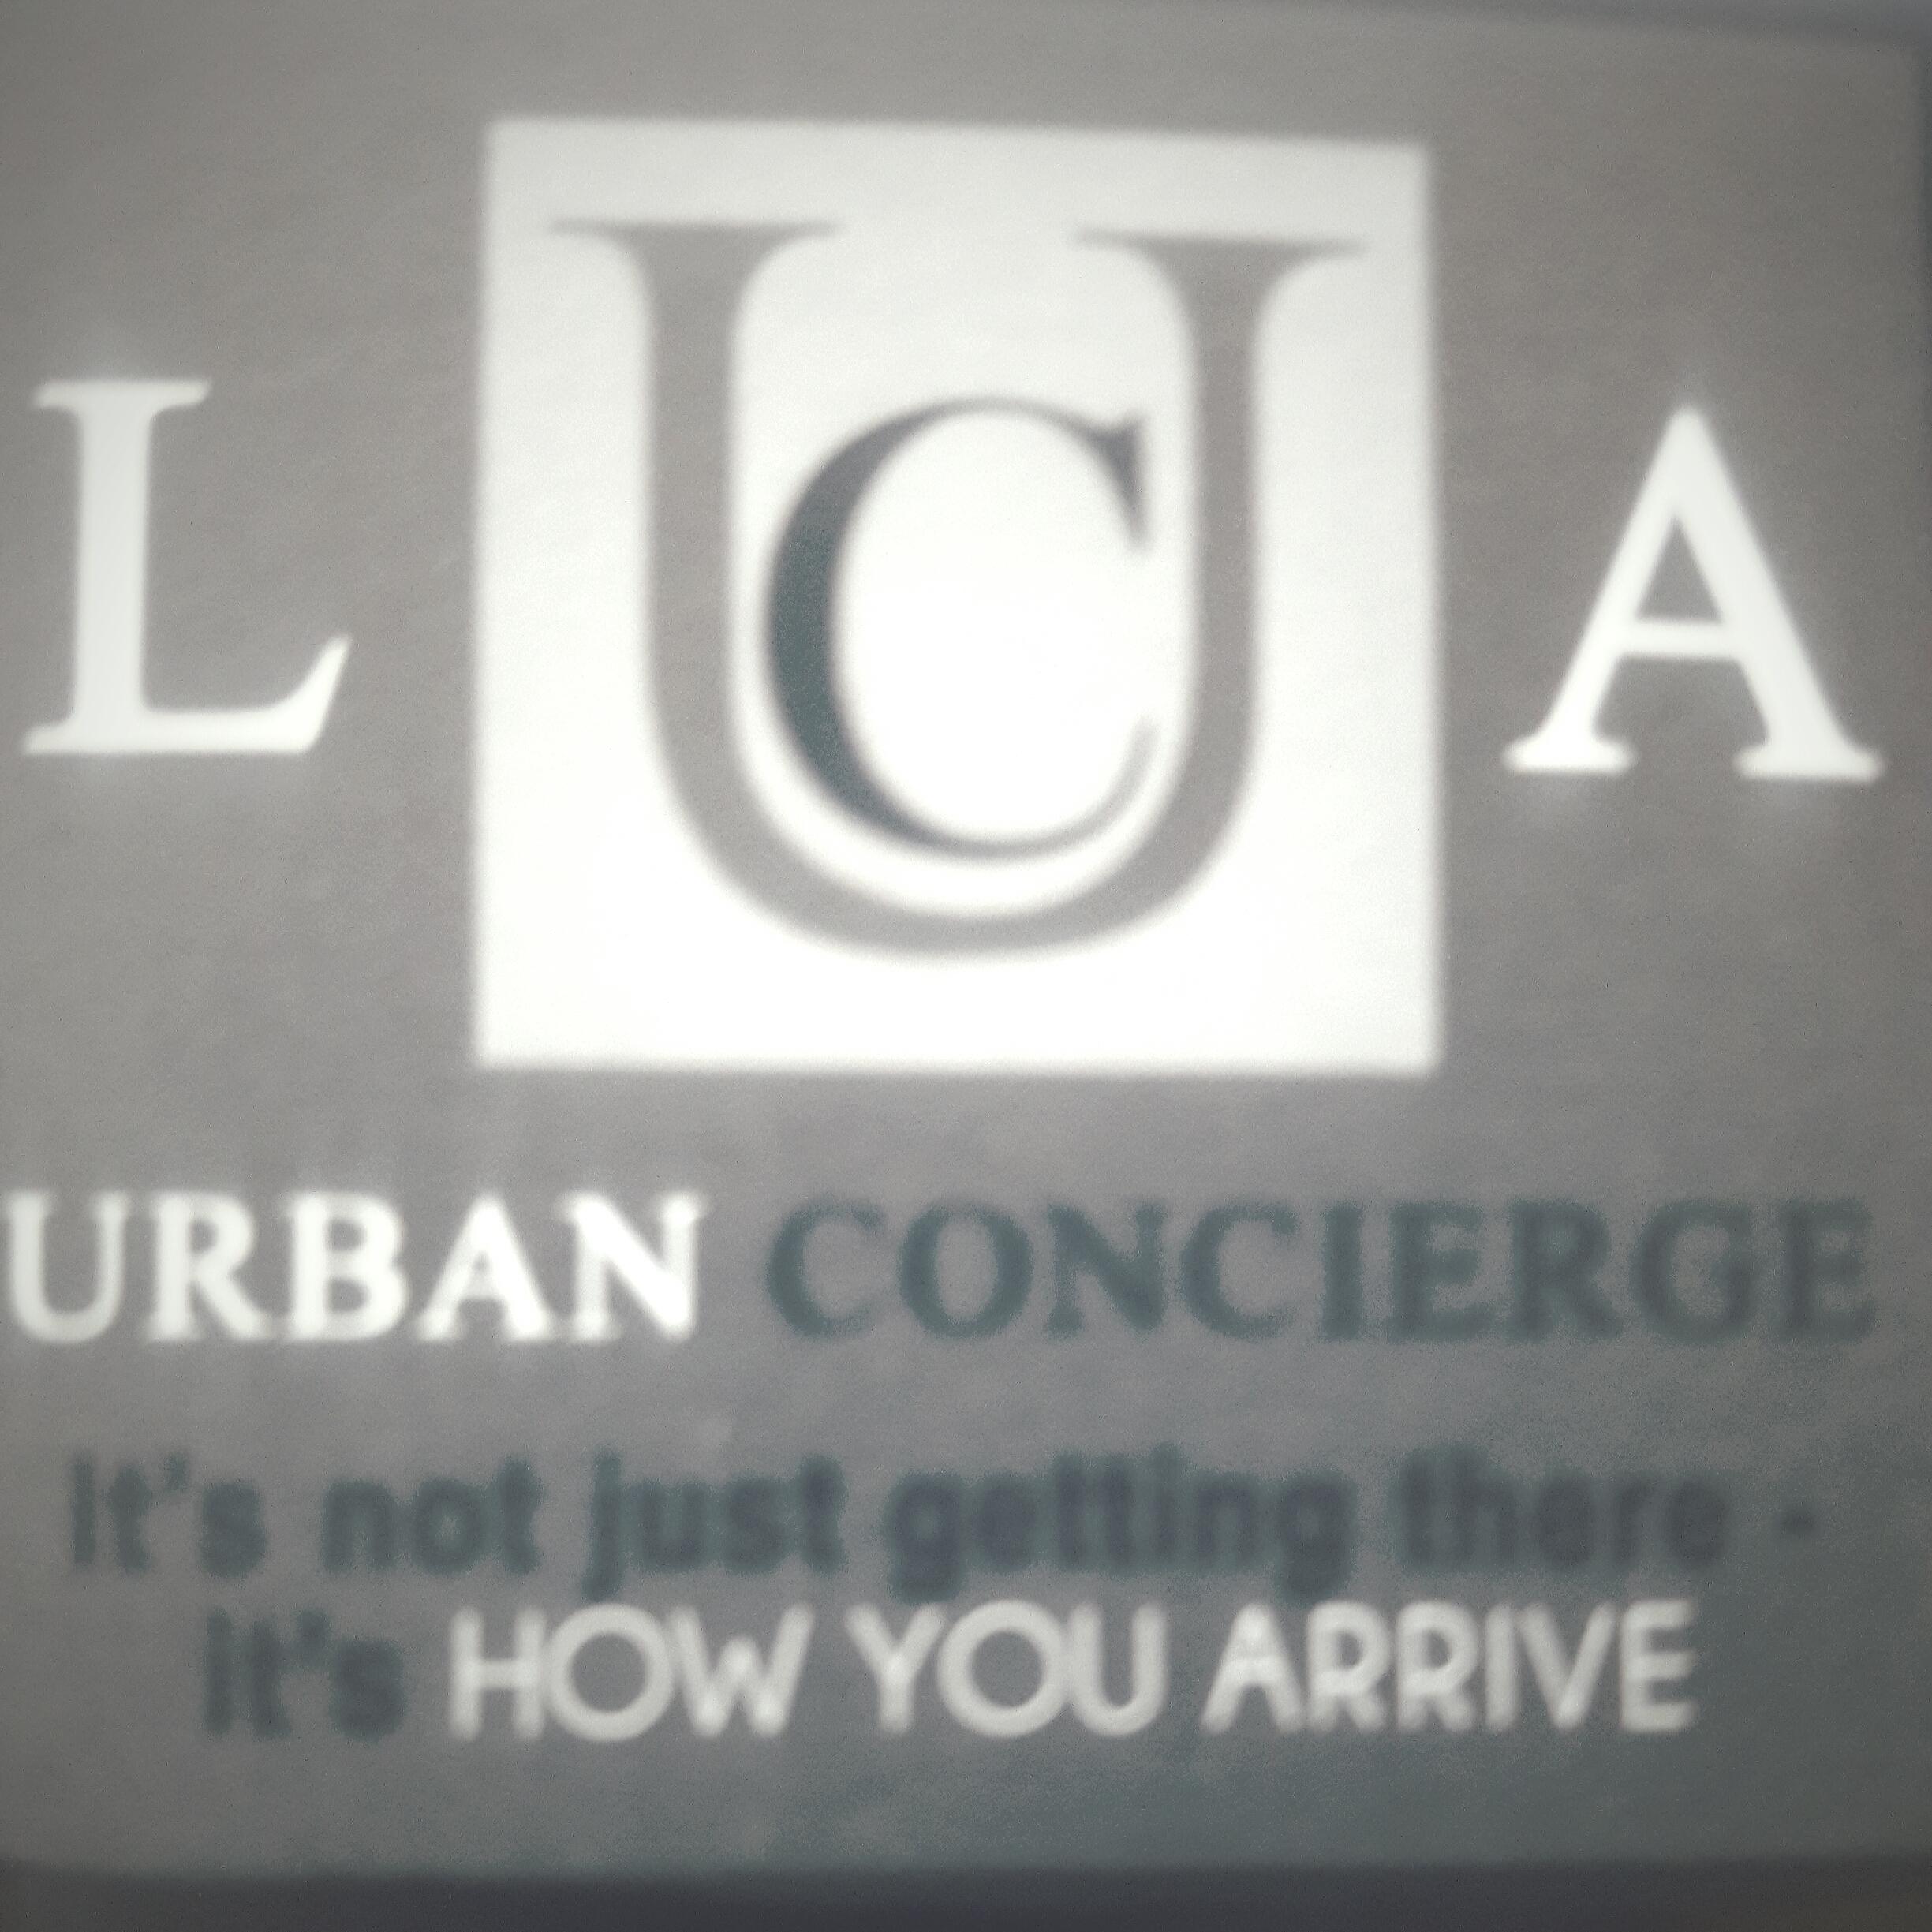 La Urban Concierge